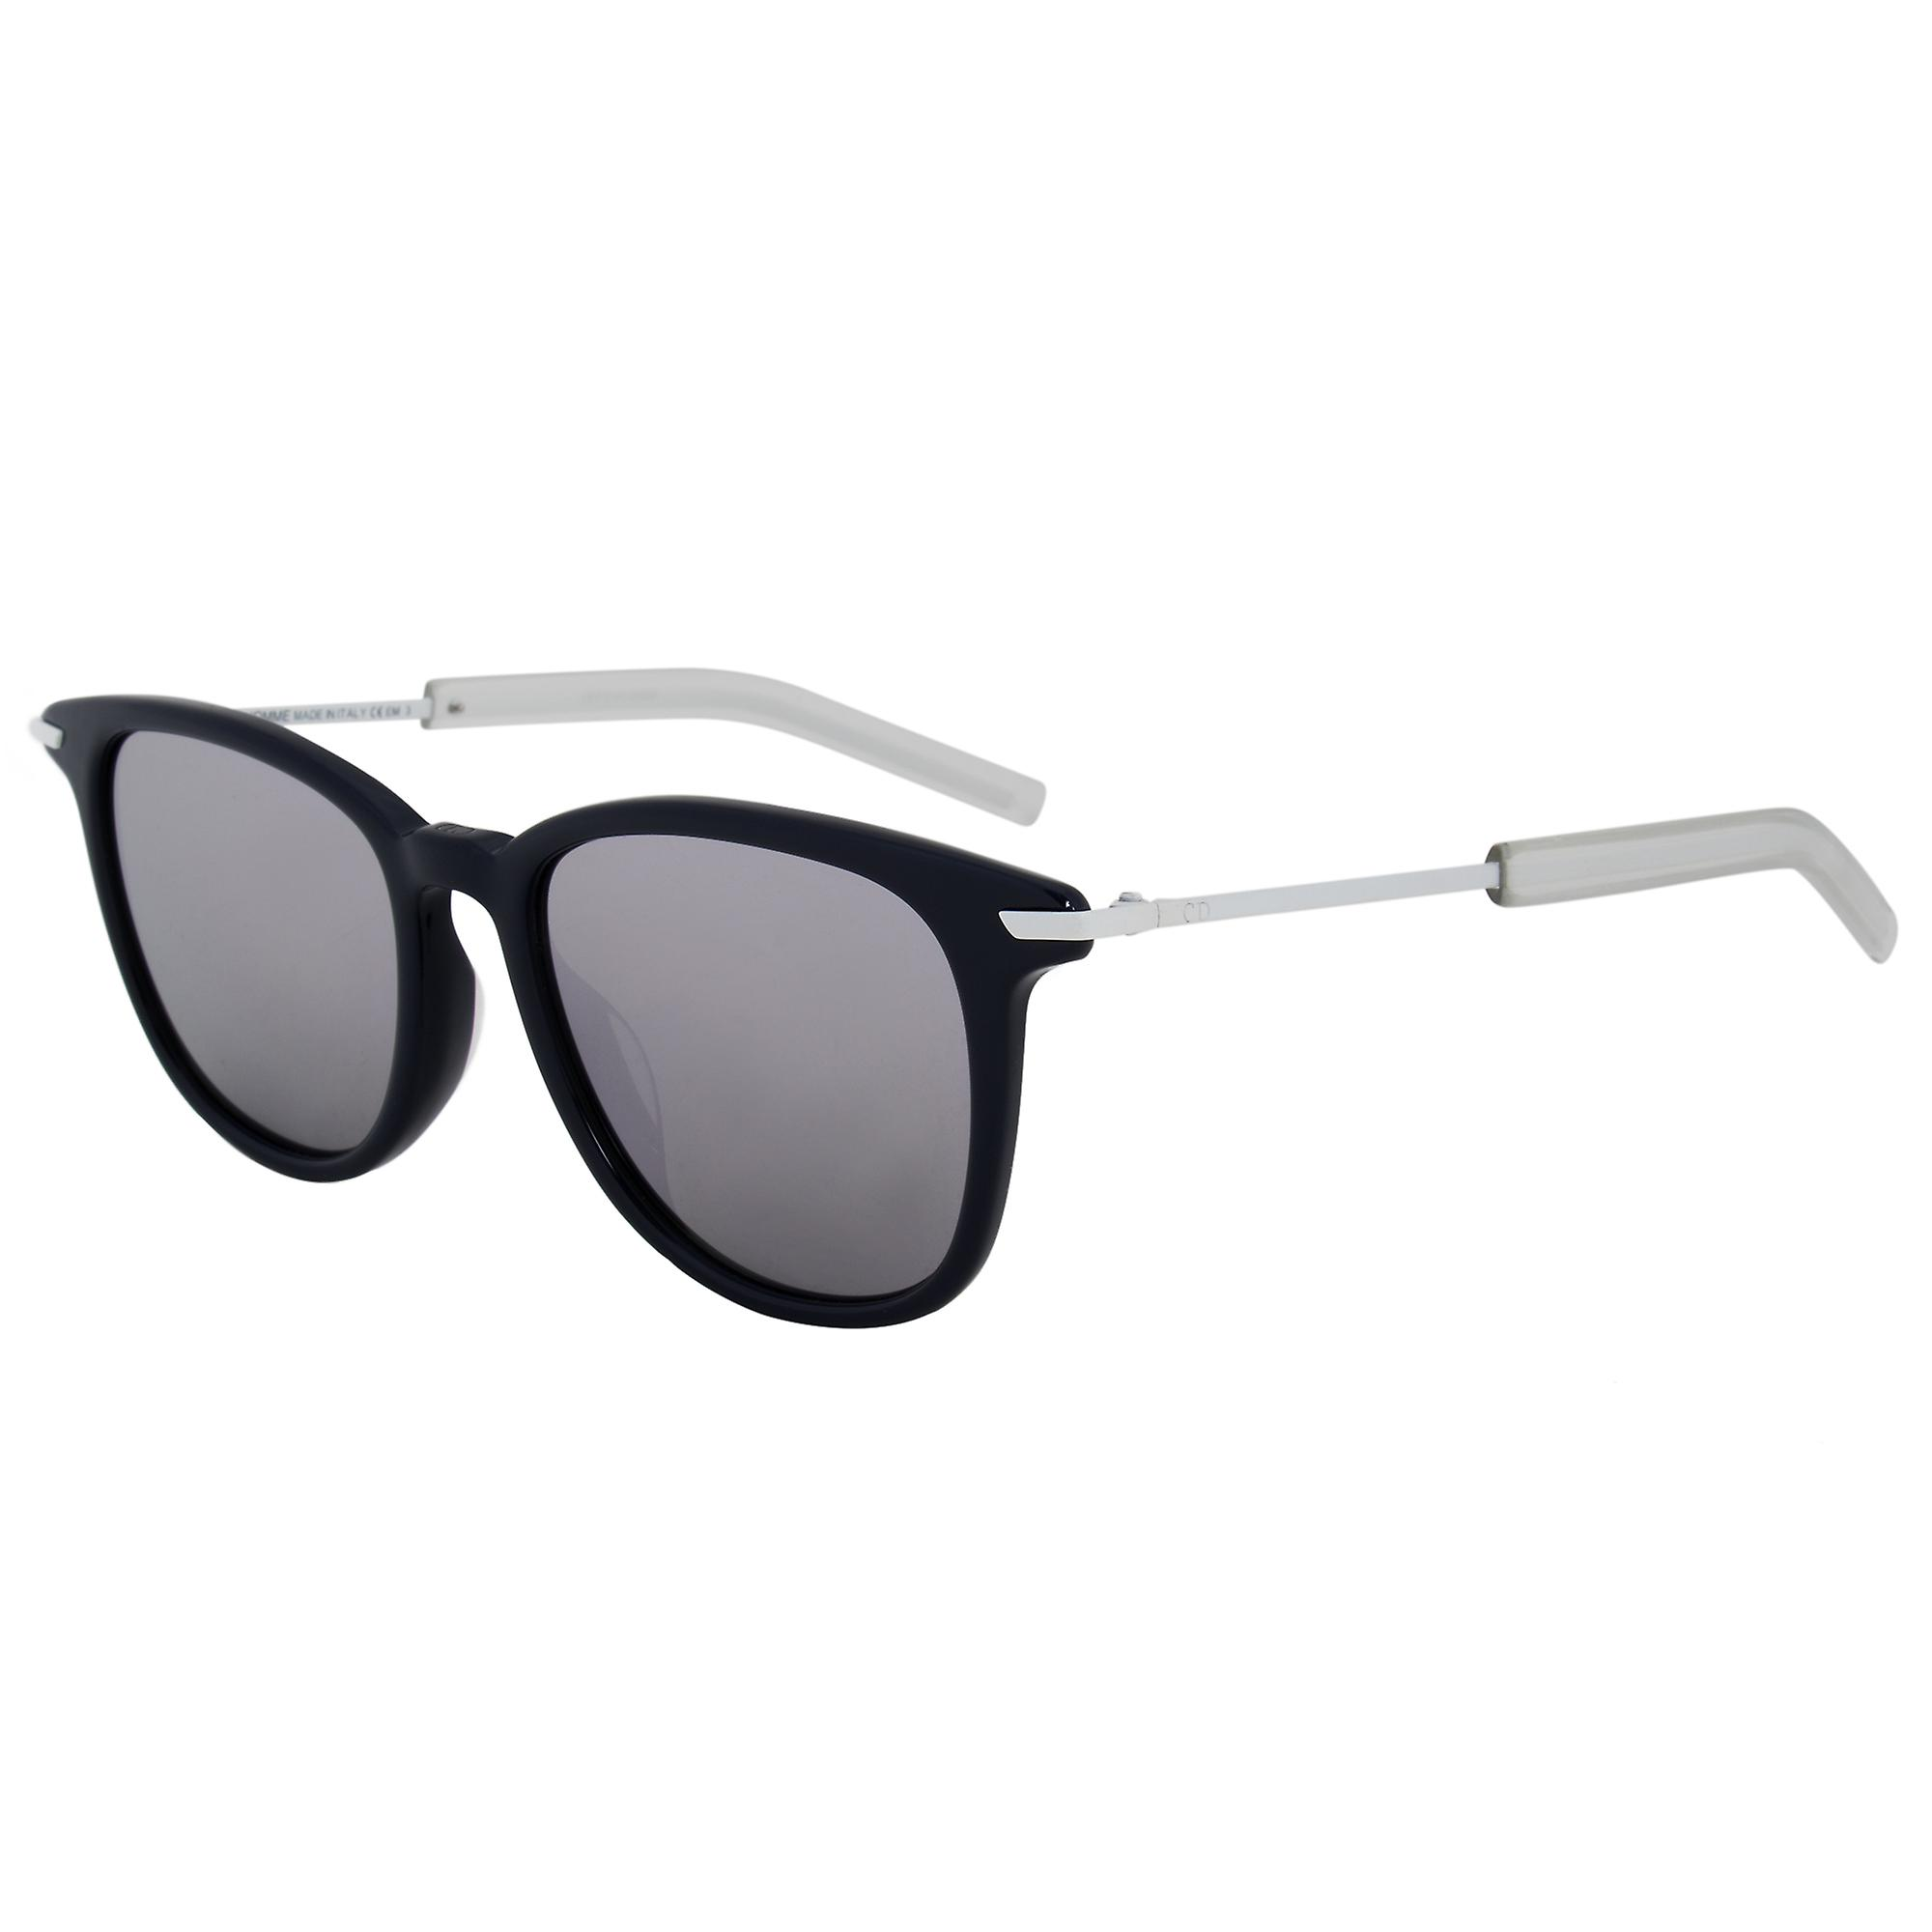 Christian Dior Black Tie MZNDC solbriller 51